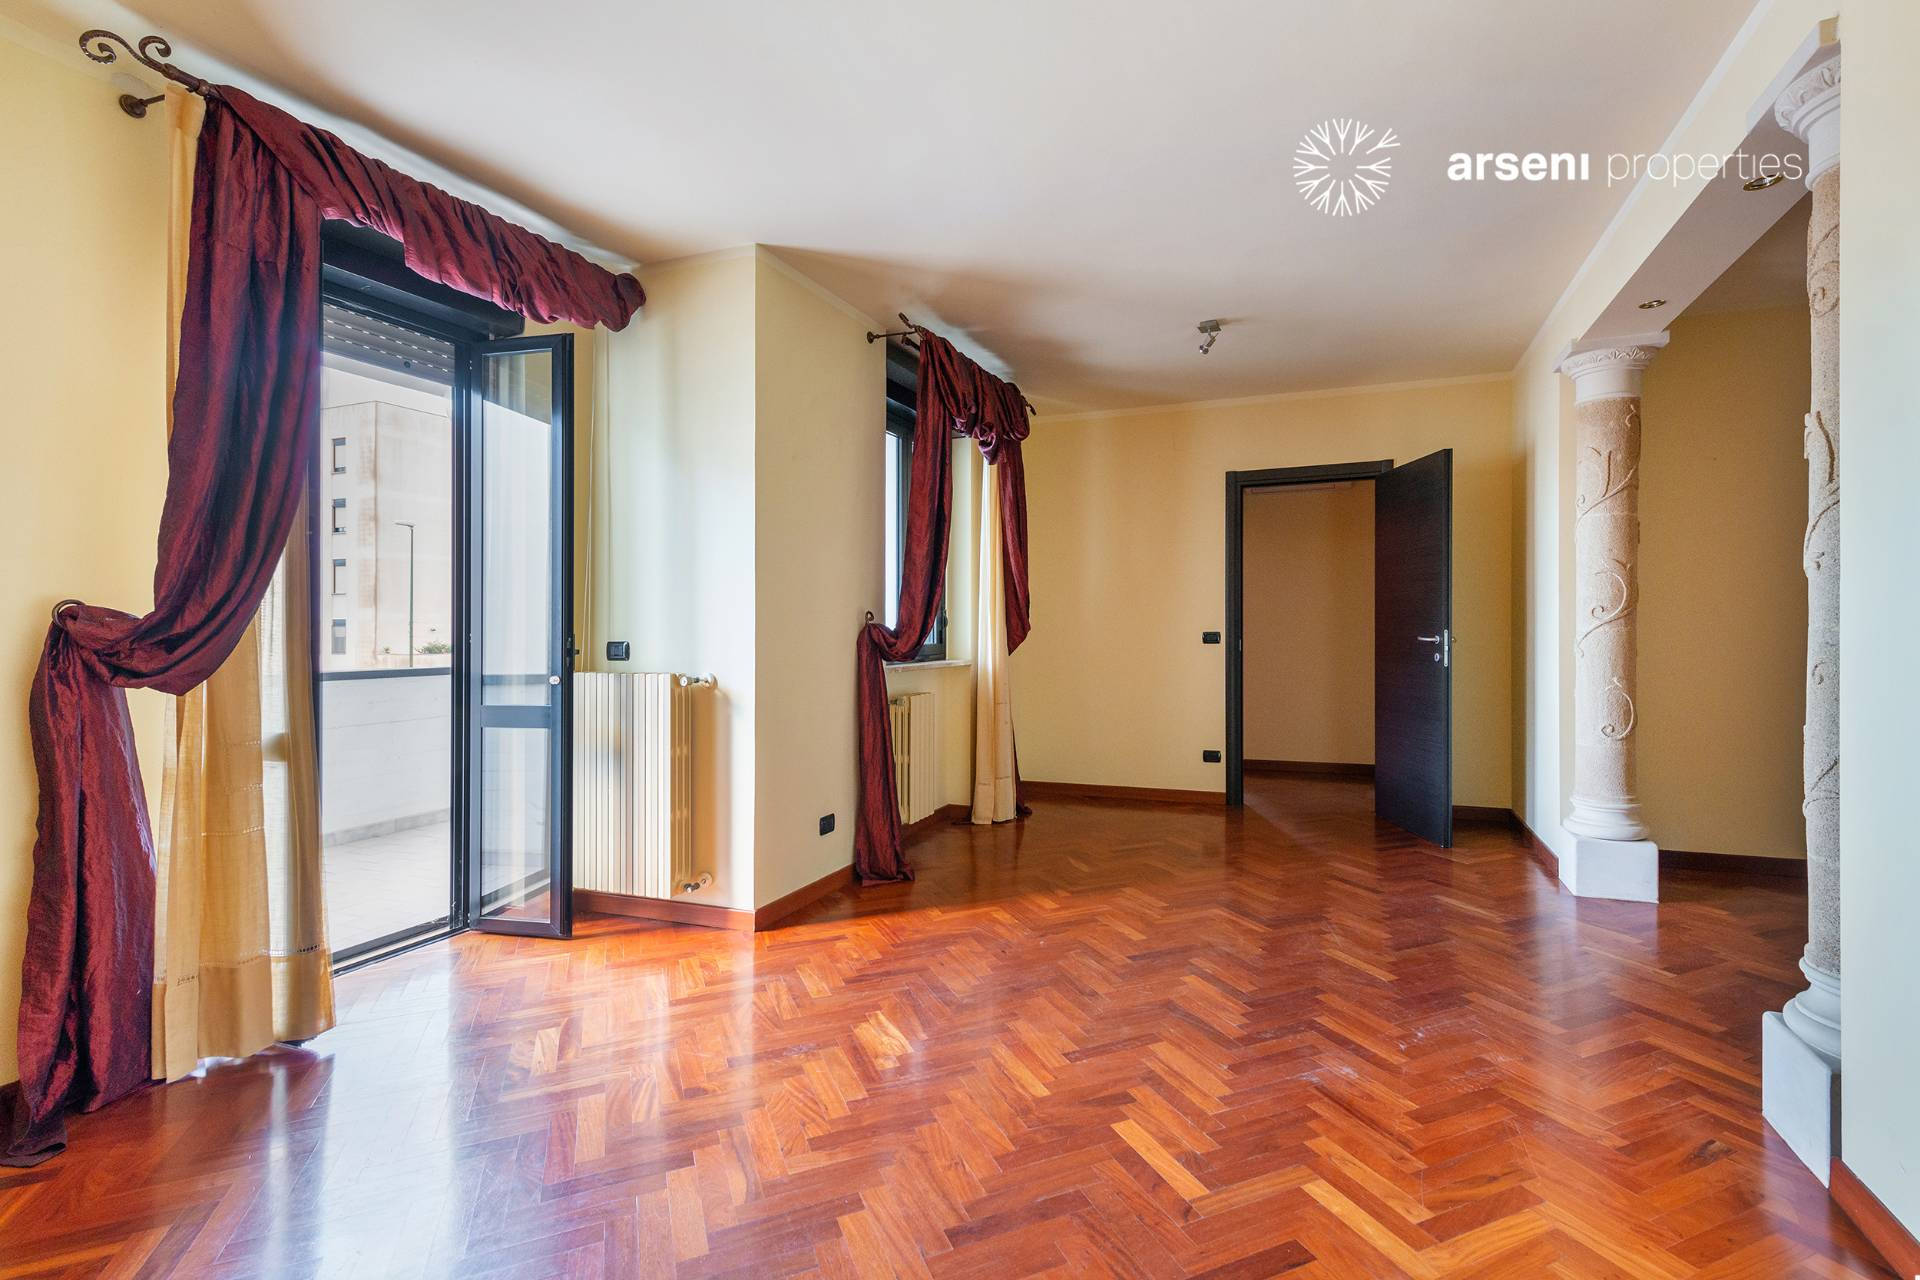 Appartamento in vendita a Tricase, 6 locali, prezzo € 140.000   PortaleAgenzieImmobiliari.it